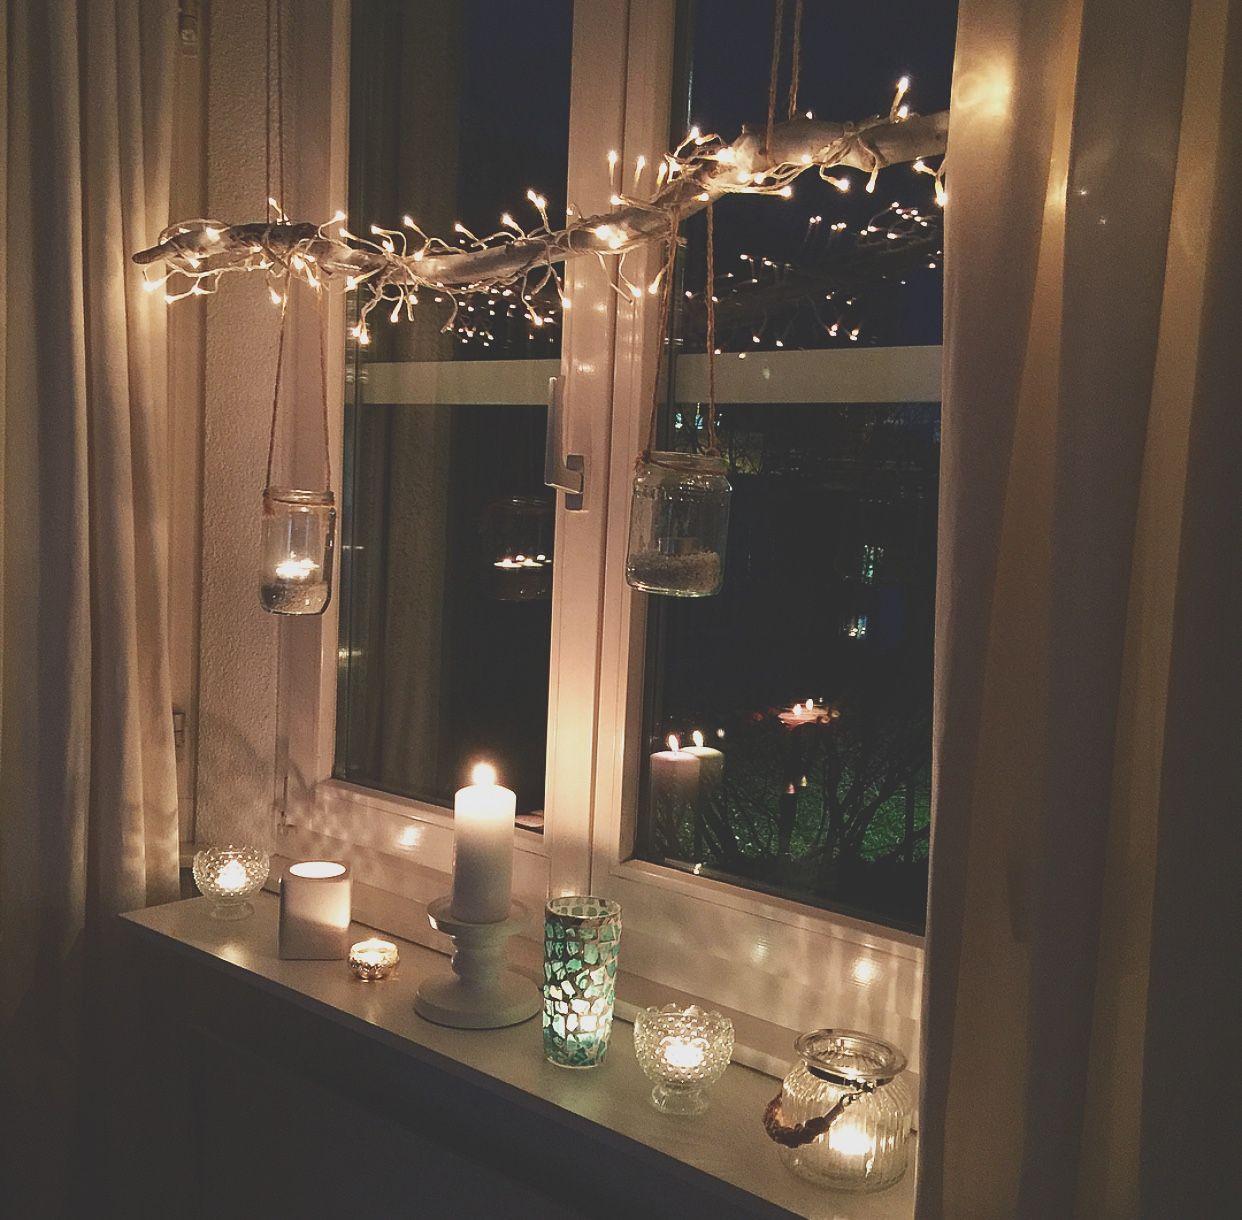 Weihnachten Fensterdeko Candles Homesweethome Light Winterwunderland Christmas Deko Weihnachten Fenster Deko Wohnung Weihnachten Fensterdeko Weihnachten